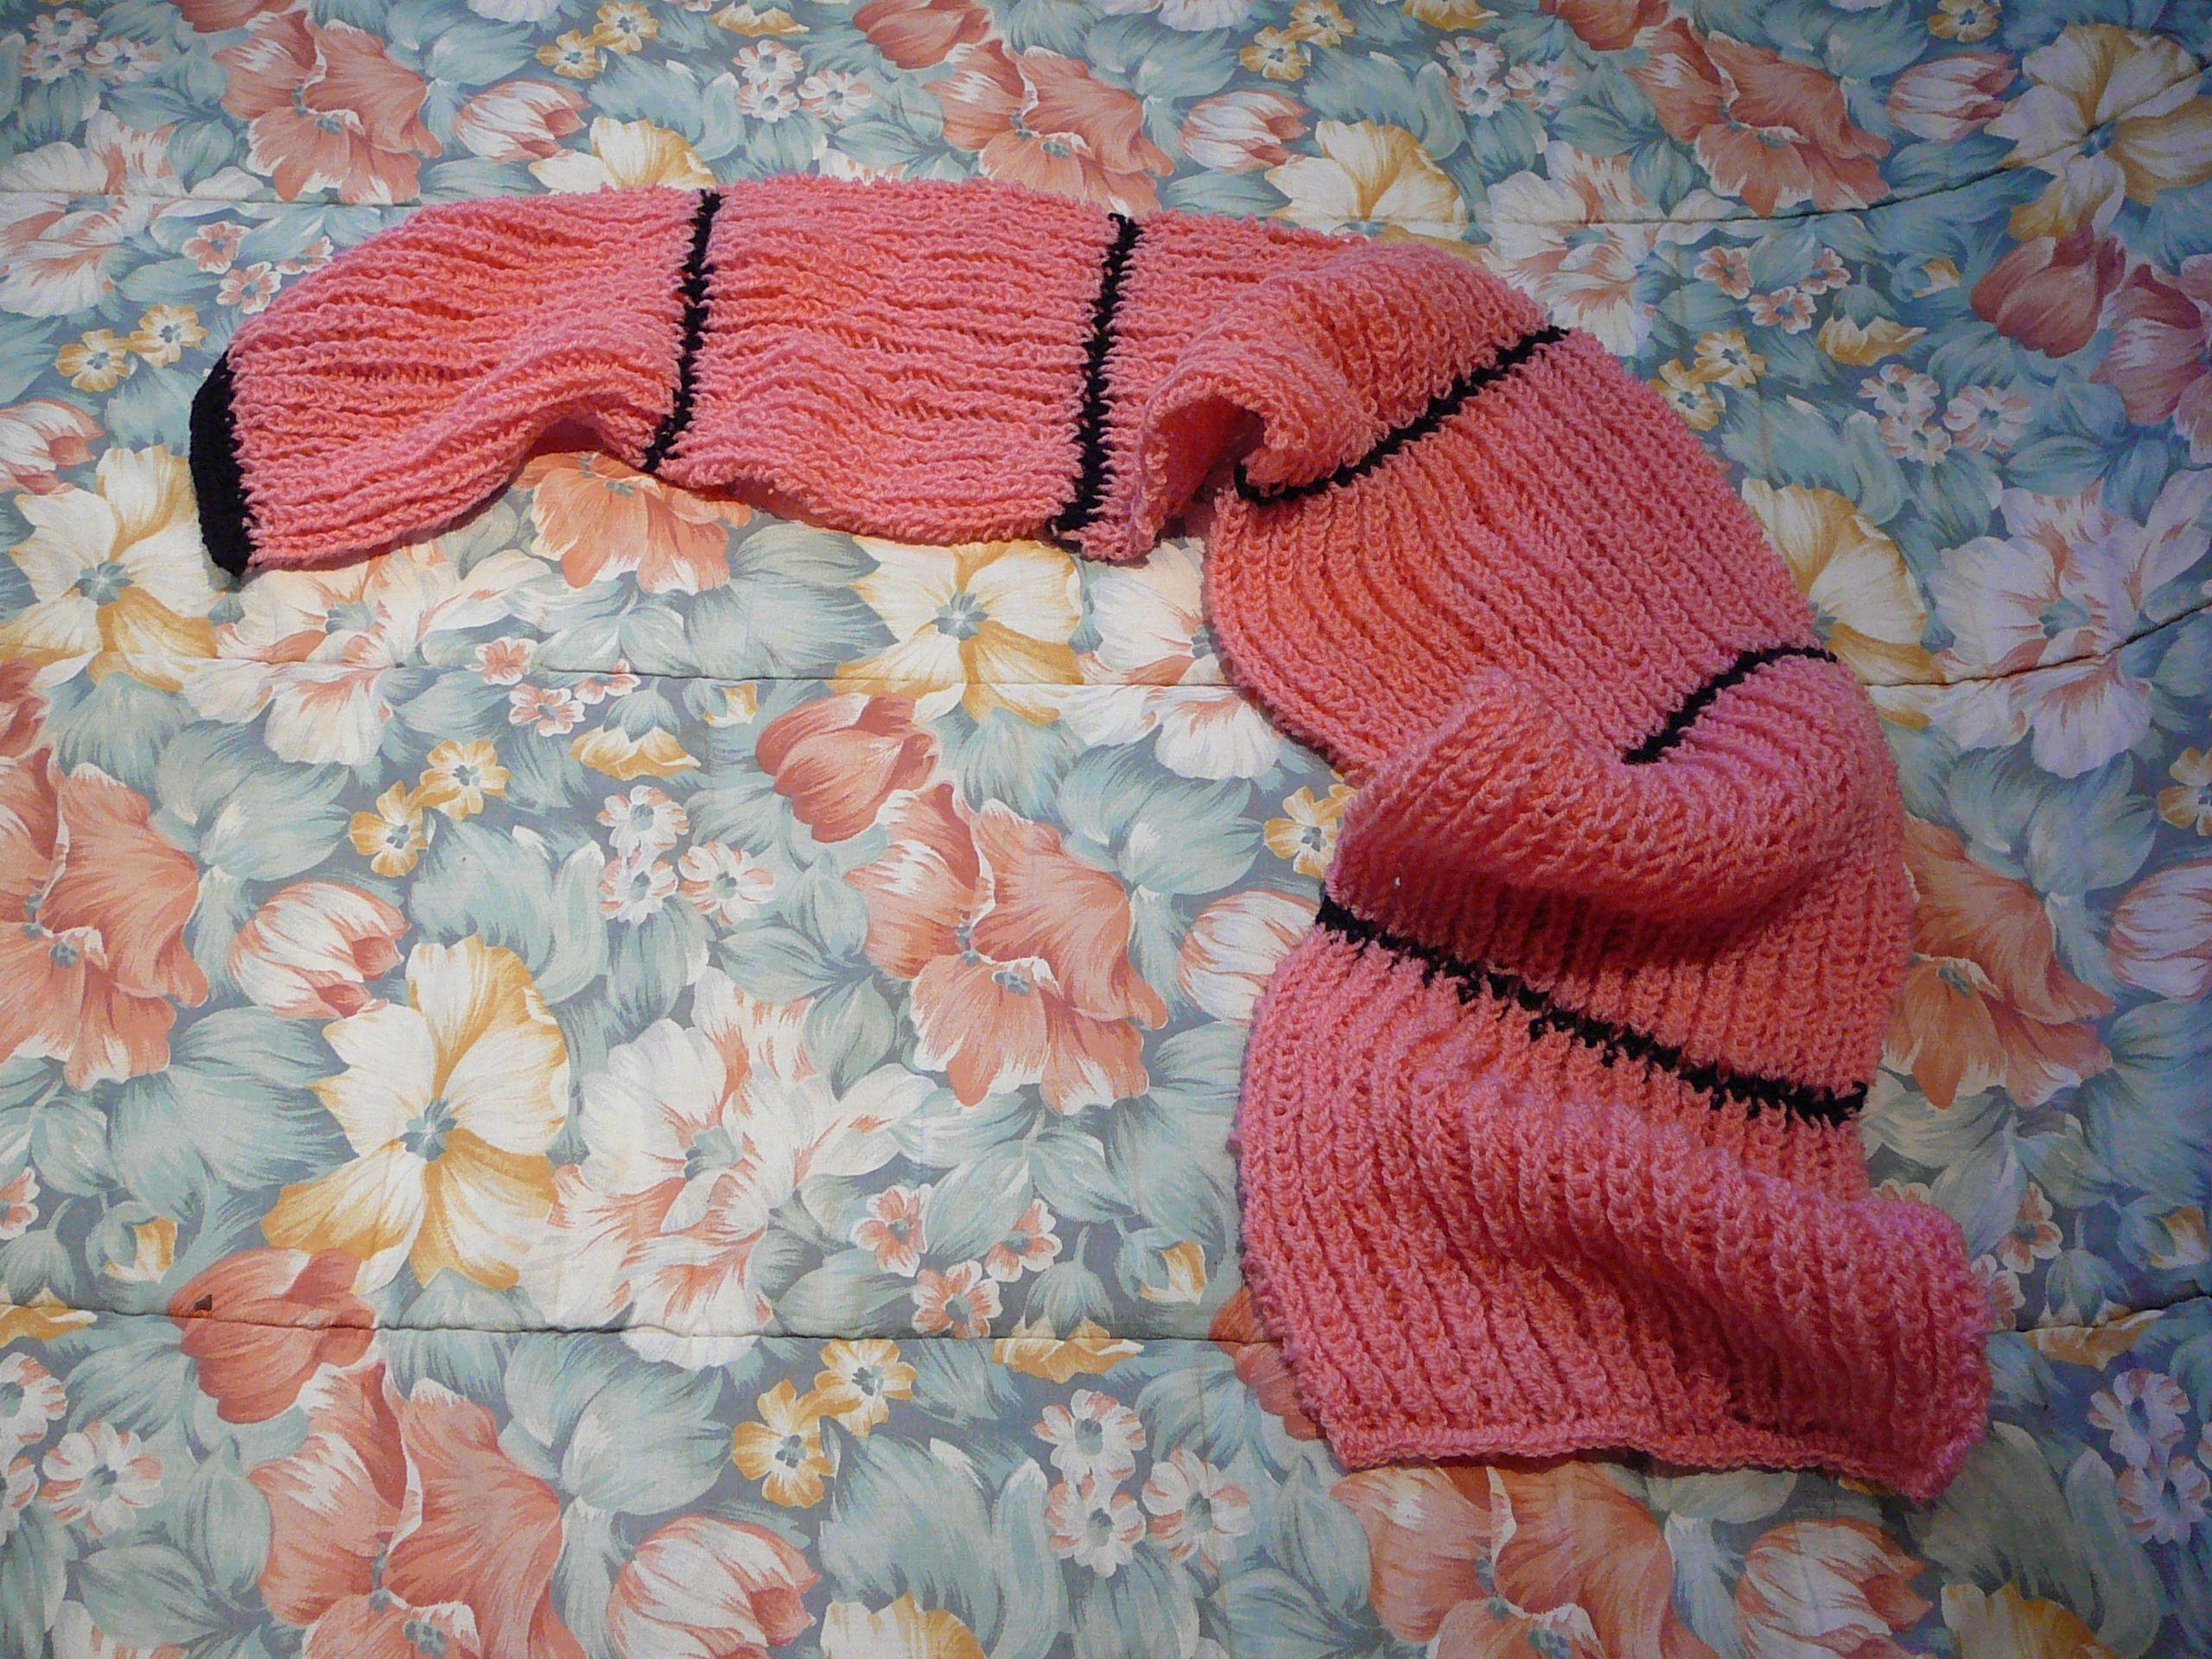 ECHARPE rose cote anglaise   Tricot et crochet, Crochet, Tricot